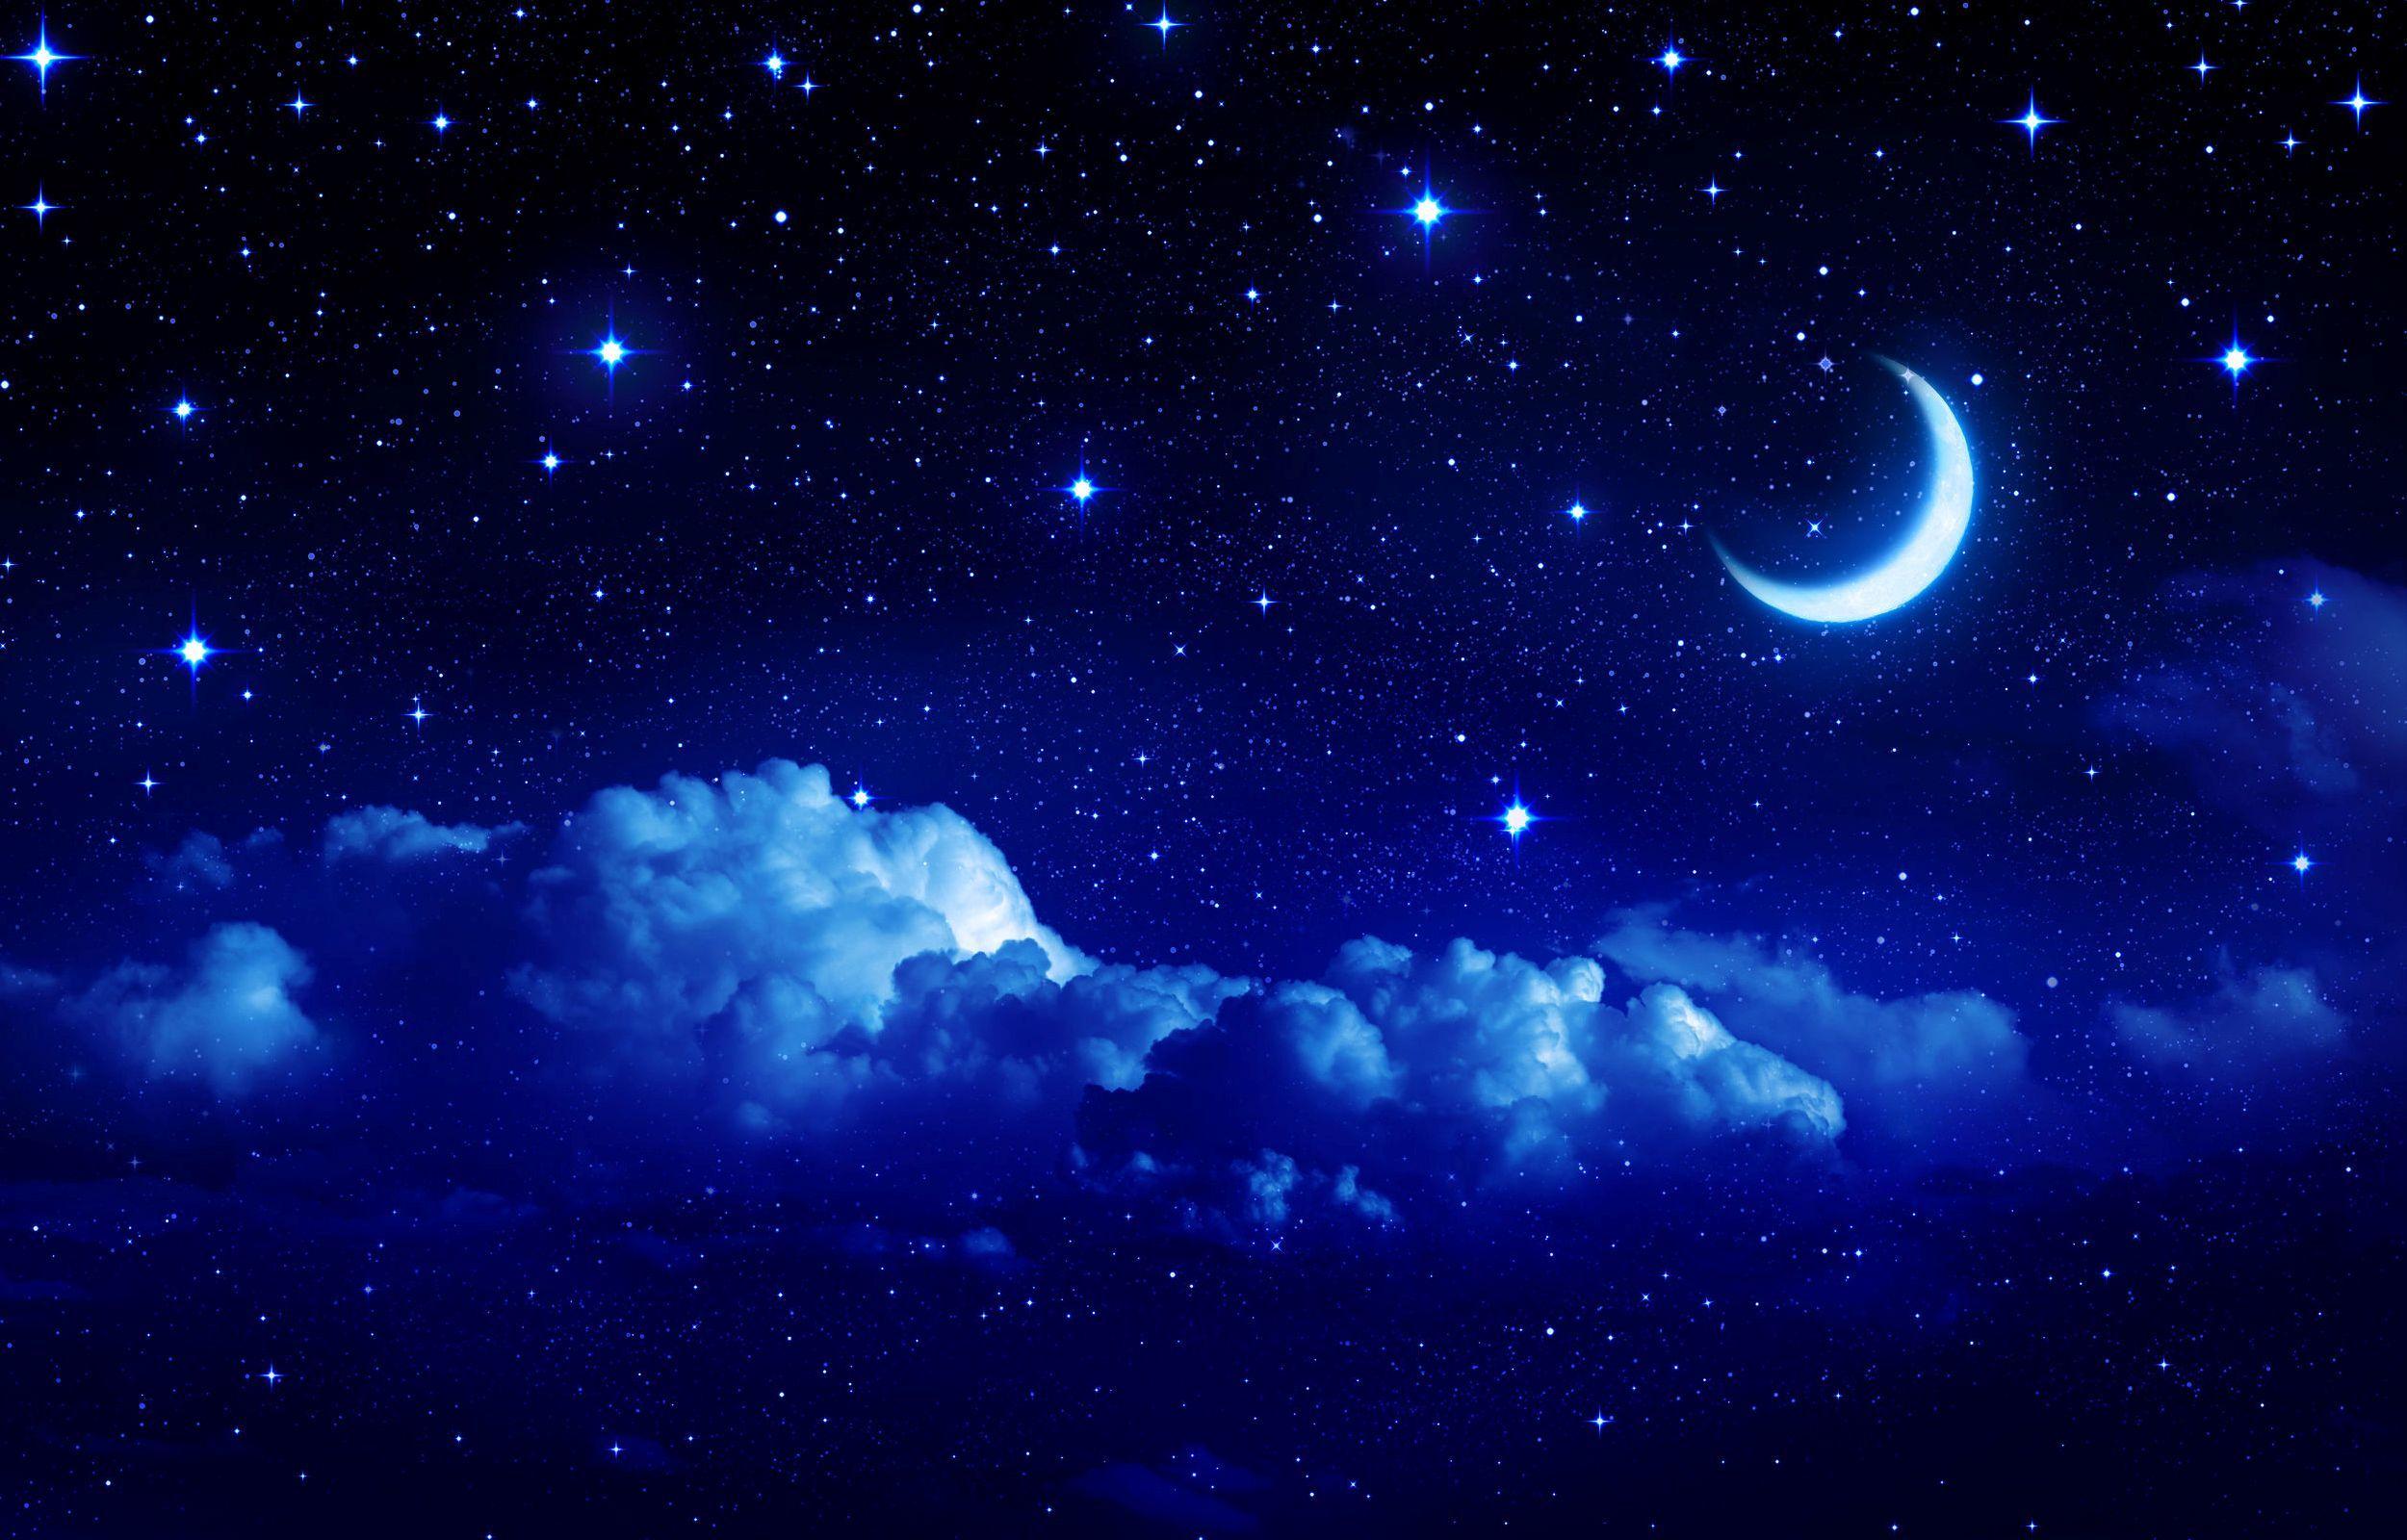 одно самых ночь фон картинки можно